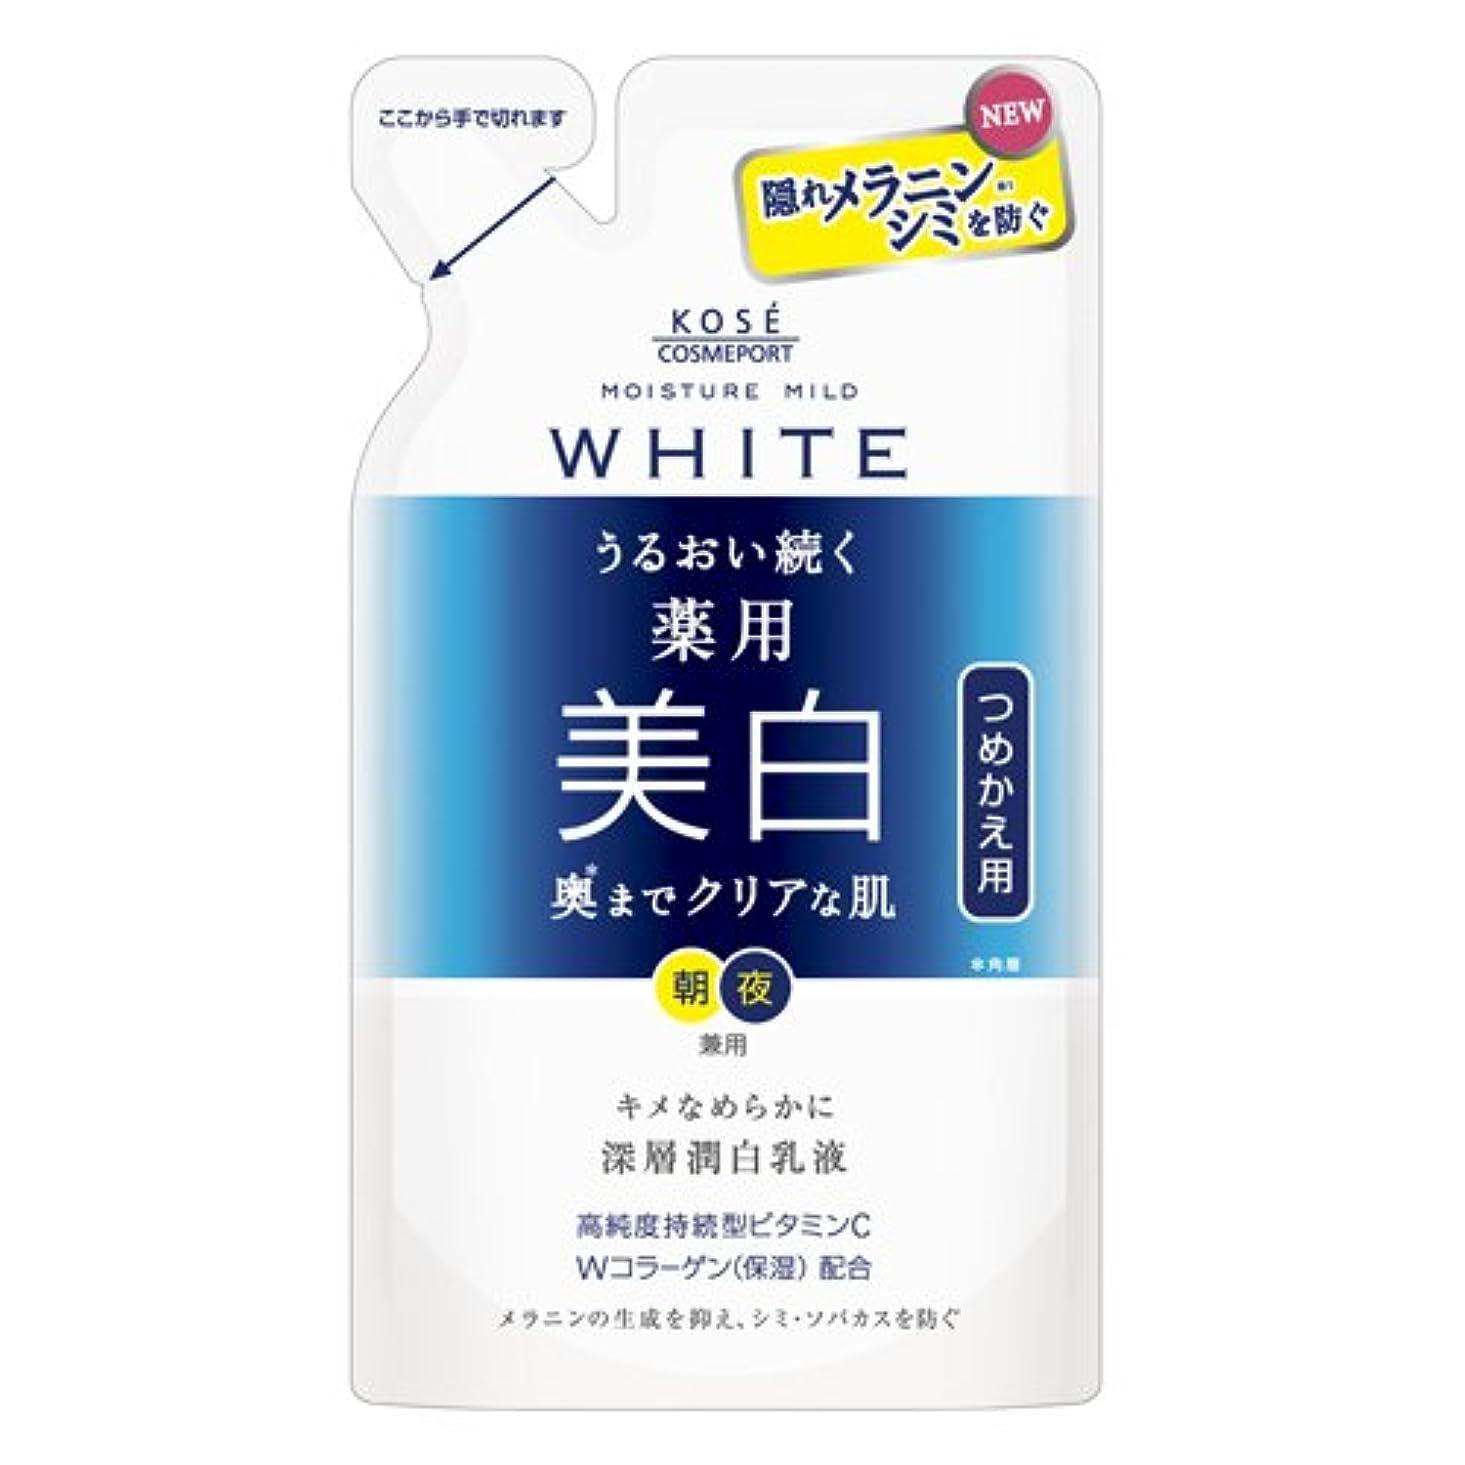 臭い突き刺す透過性KOSE コーセー モイスチュアマイルド ホワイト ミルキィローション つめかえ 125ml